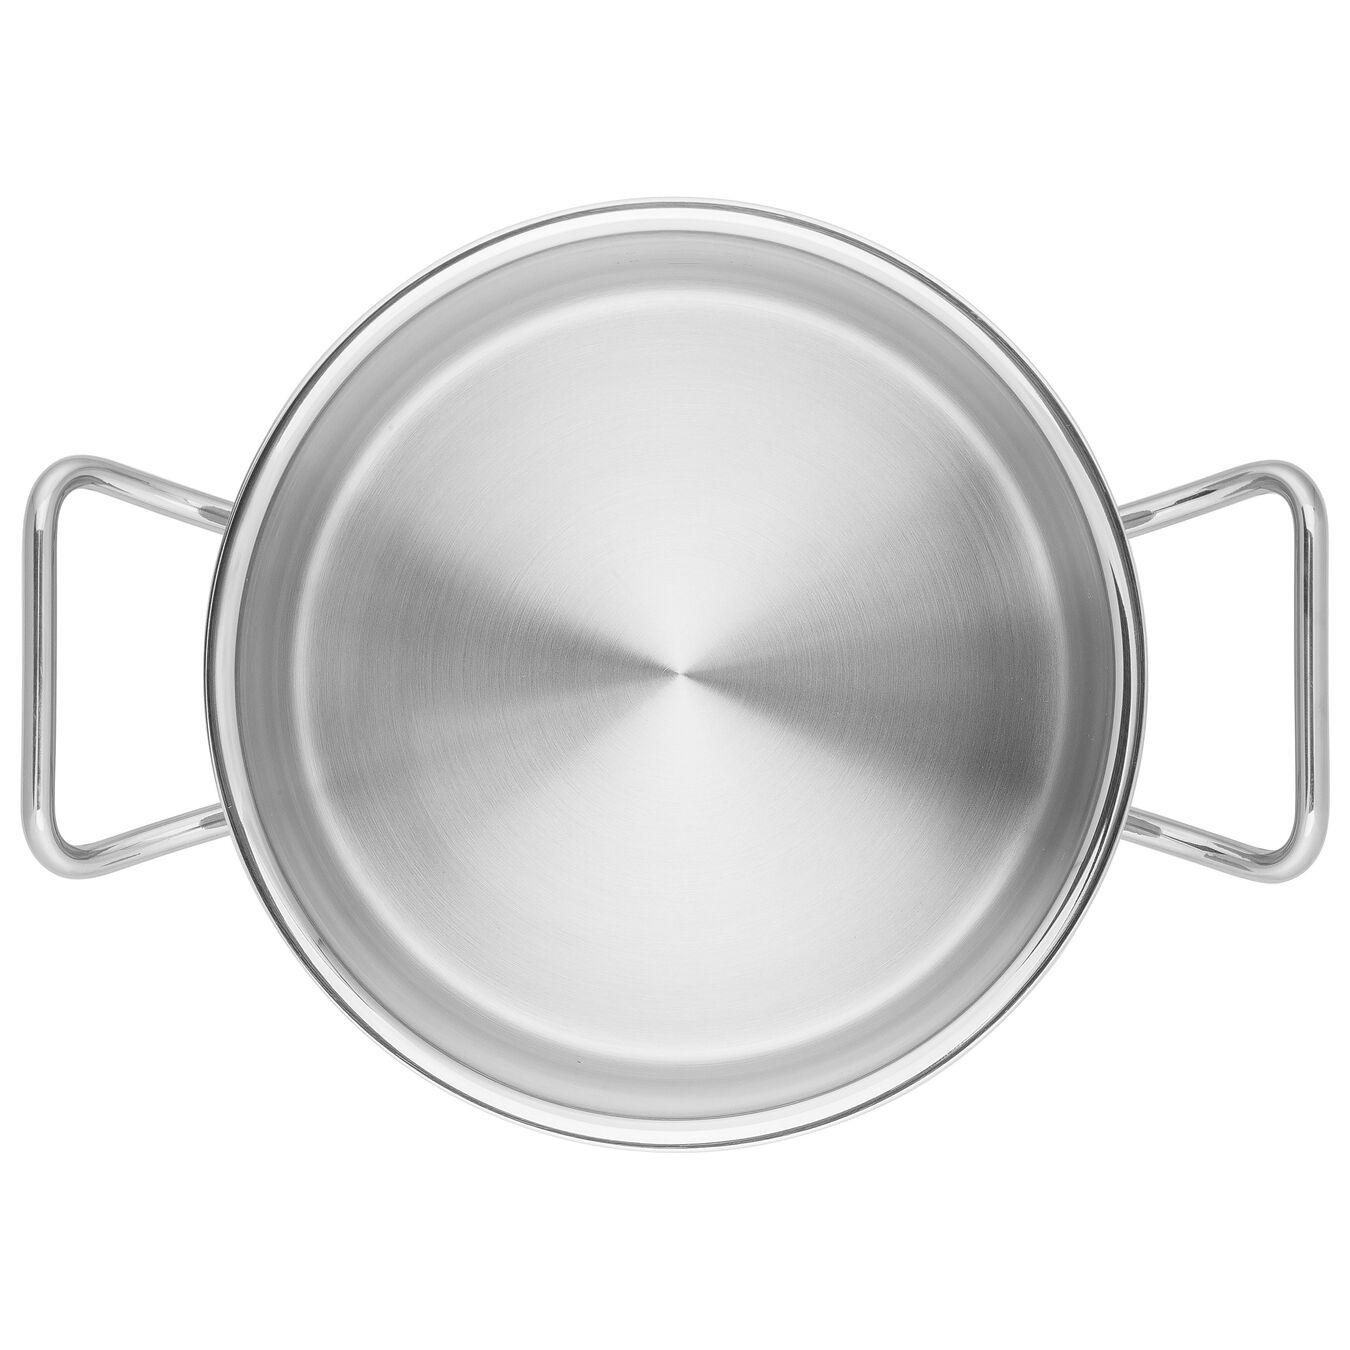 Sığ Tencere | 18/10 Paslanmaz Çelik | 24 cm | Metalik Gri,,large 6